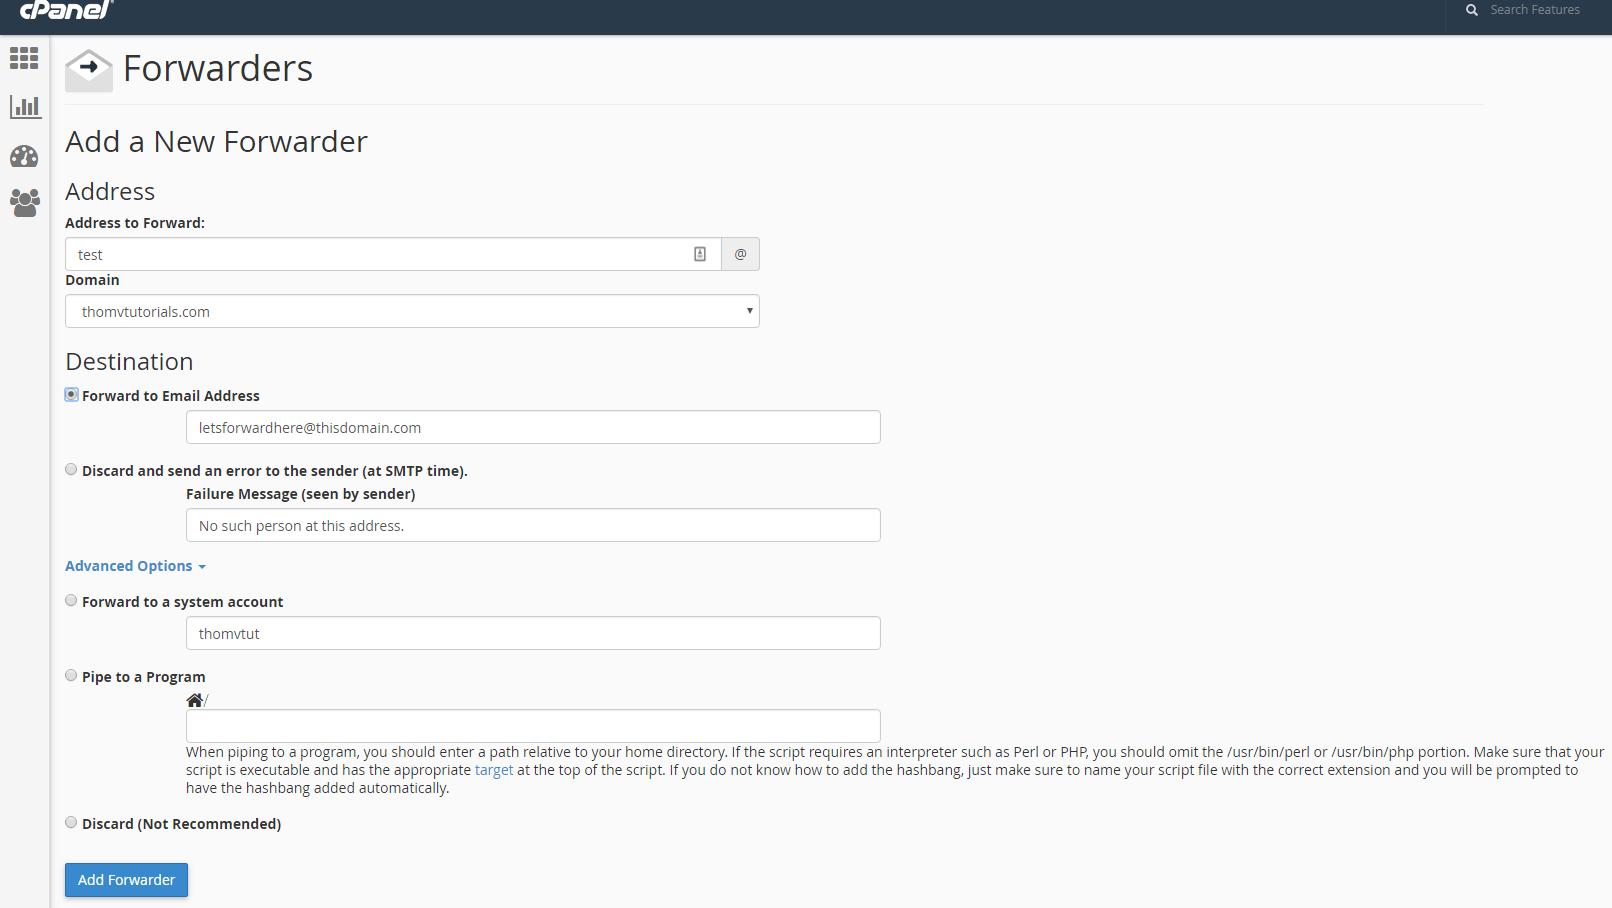 Mail yönlendirme için yeni bir yönlendirici ekleme